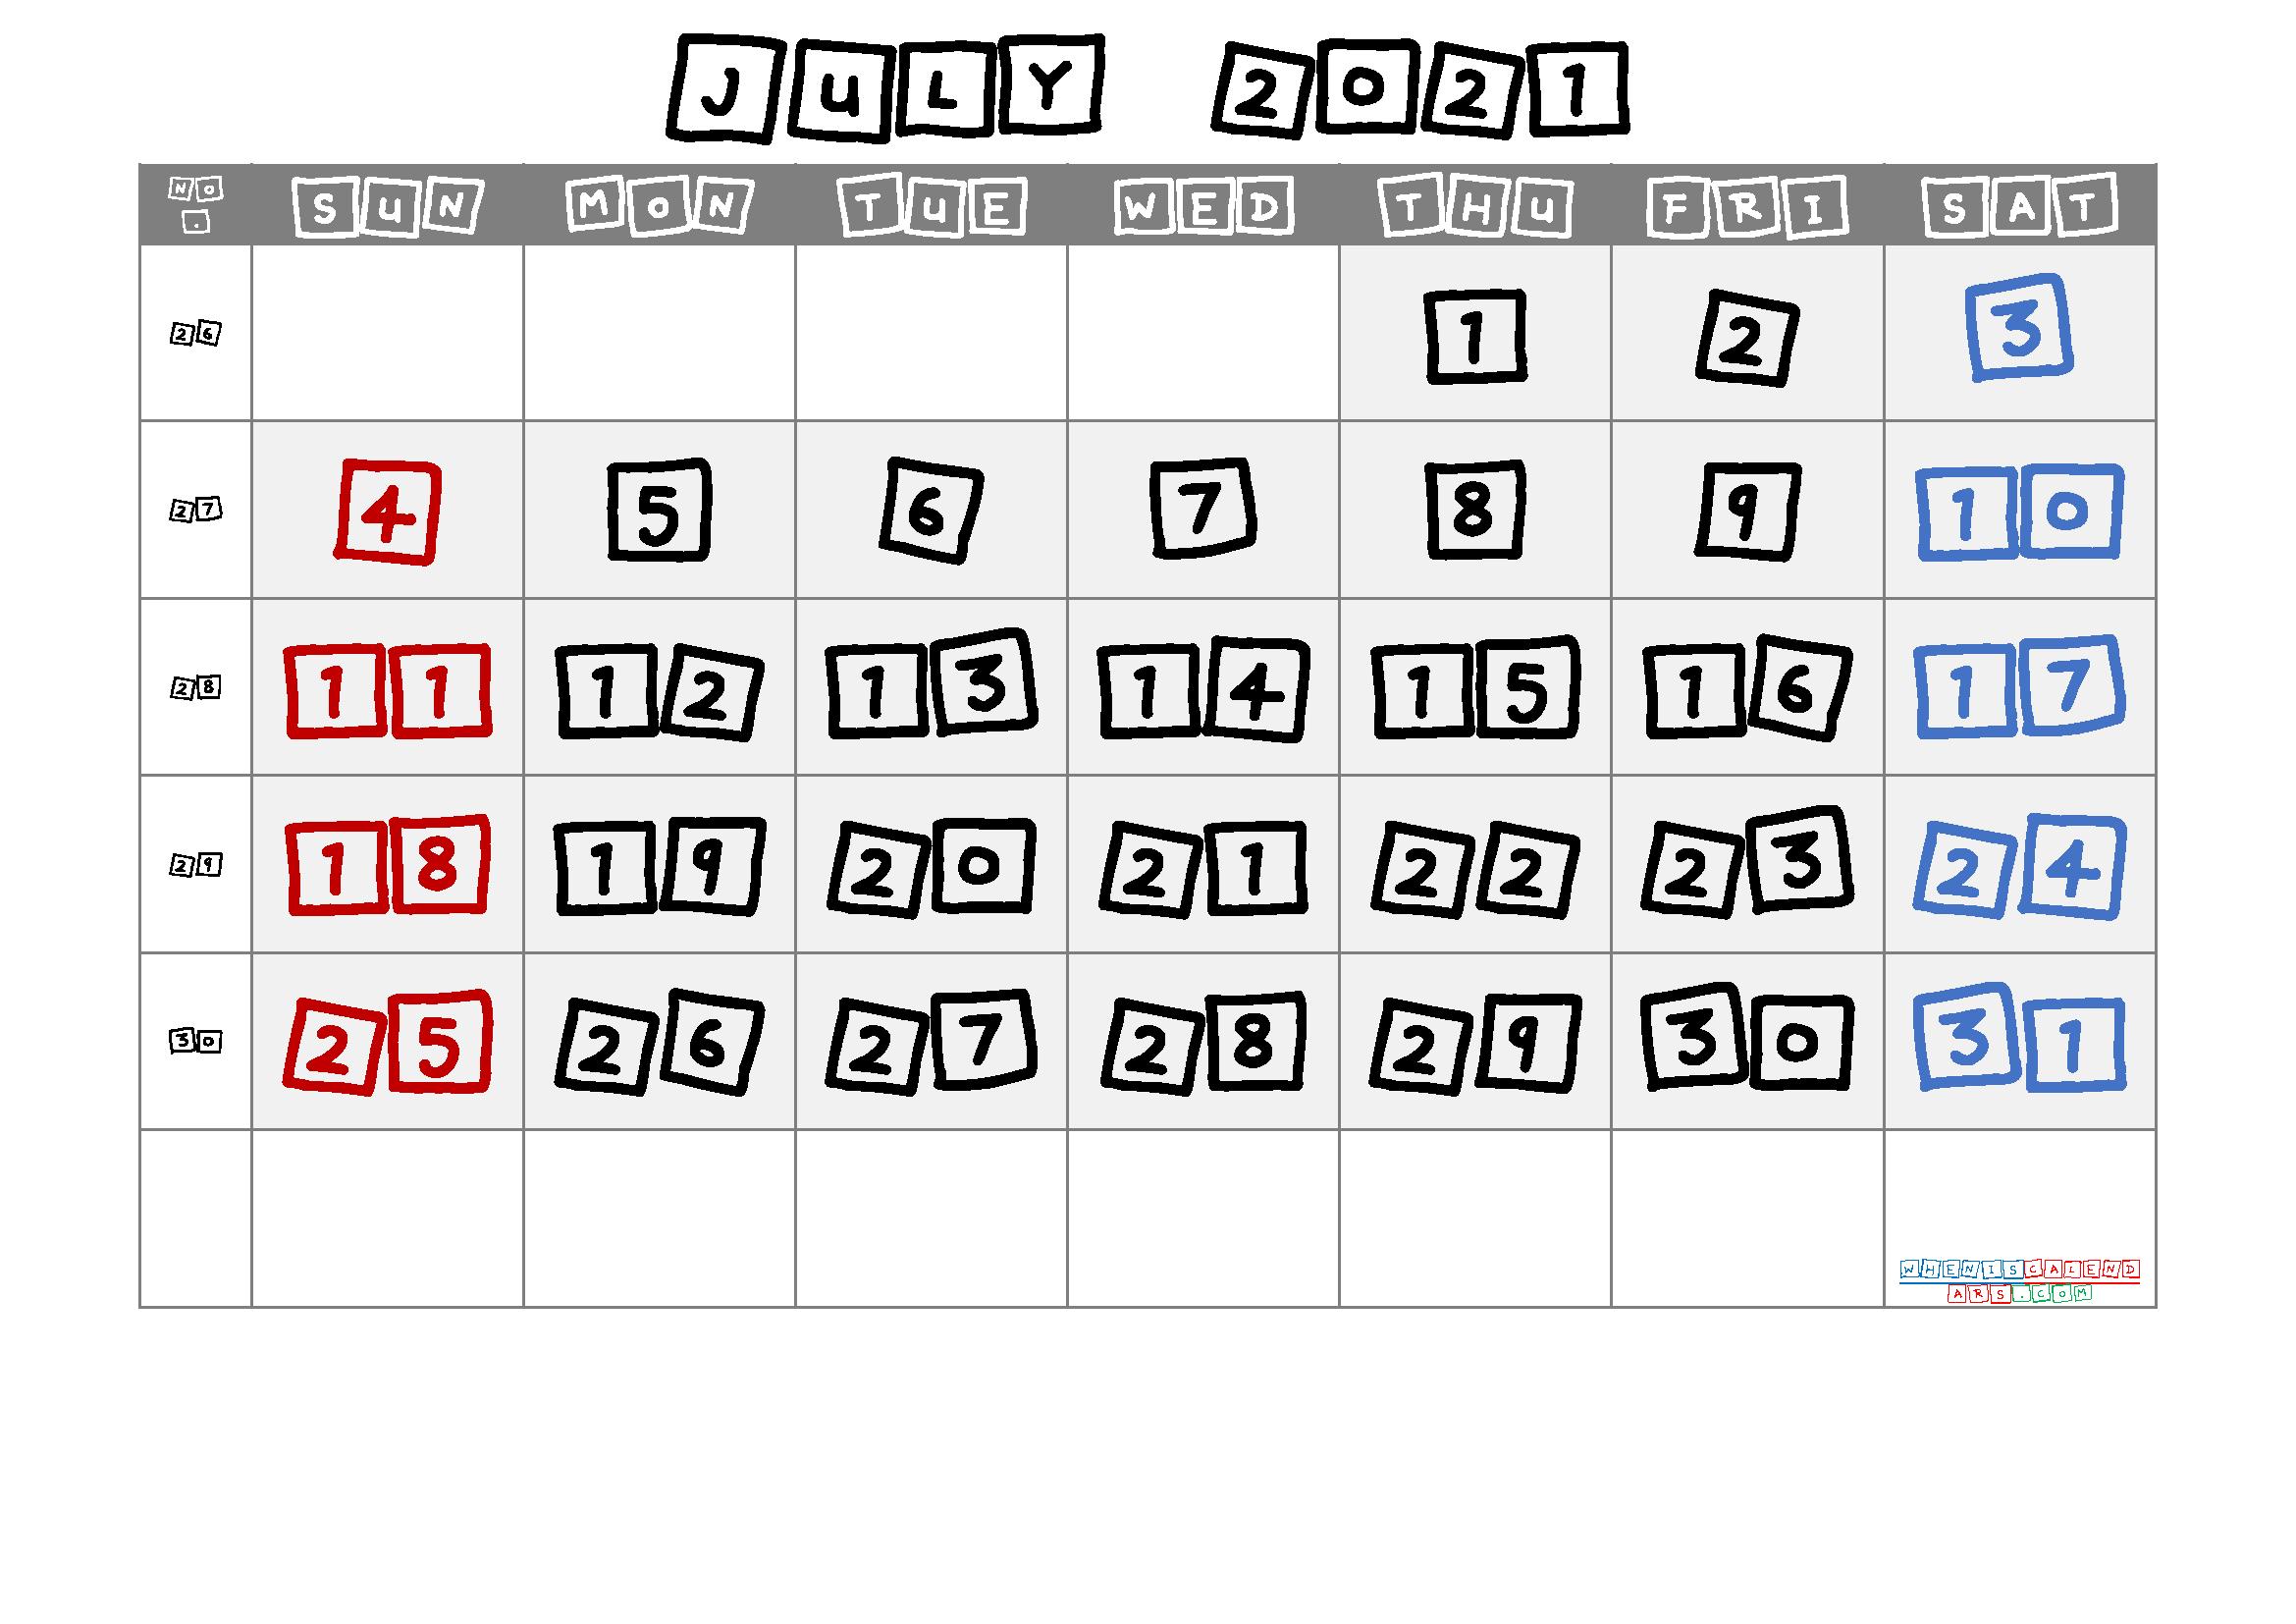 July 2021 Printable Calendar with Week Numbers